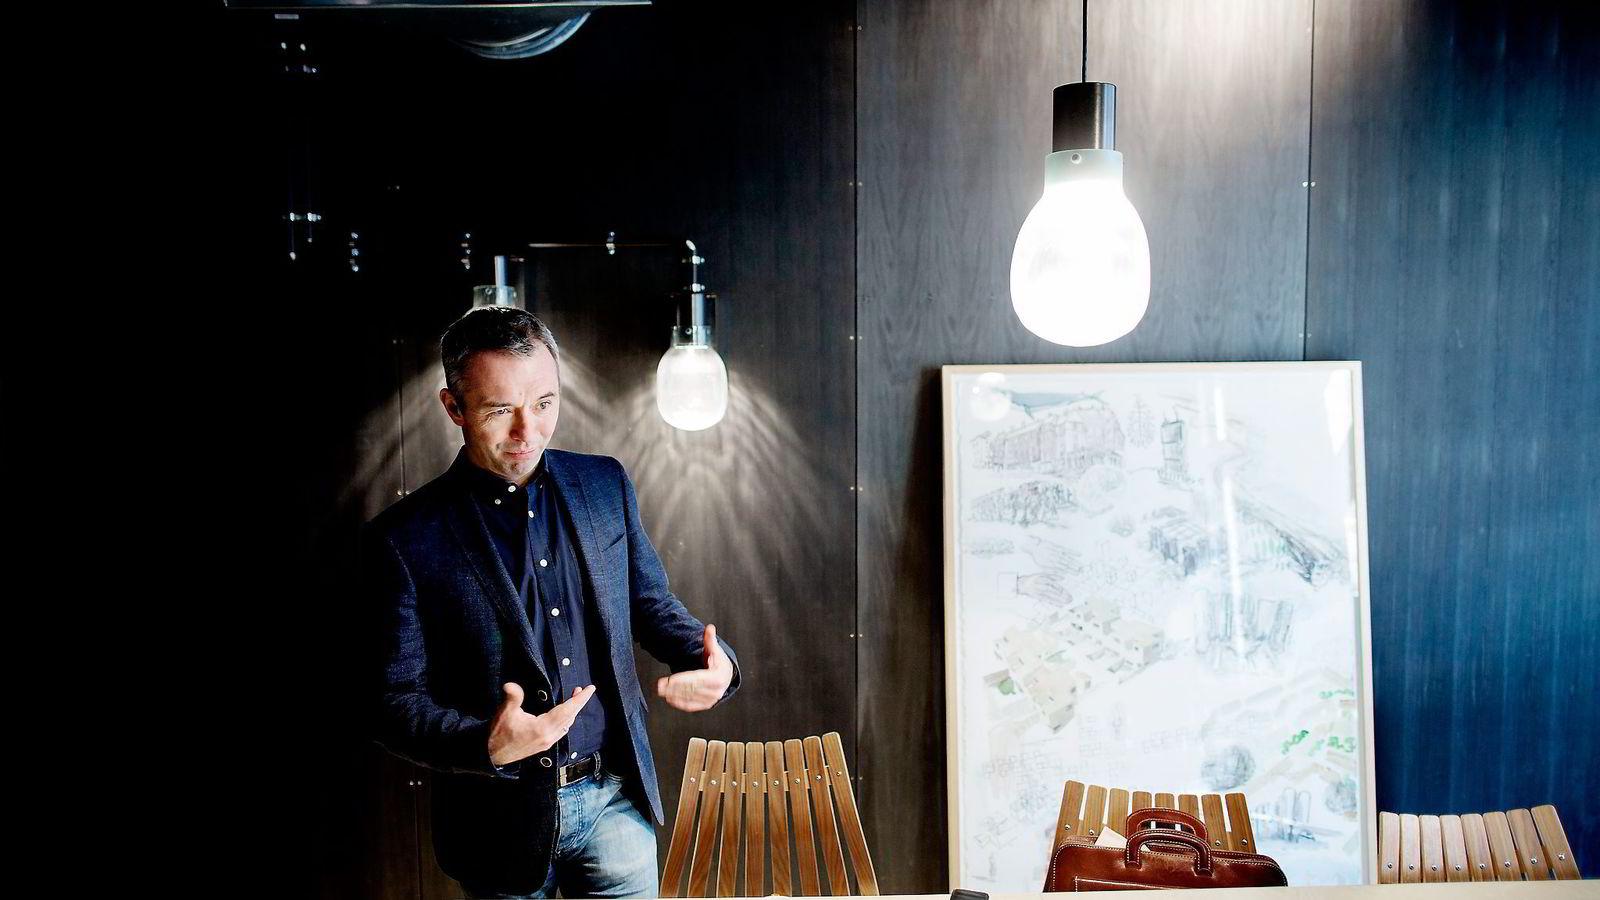 André Støylen og Sparebankstiftelsen DNB flyttet nylig inn i flerbrukshuset Sentralen midt i Oslo. Foto: